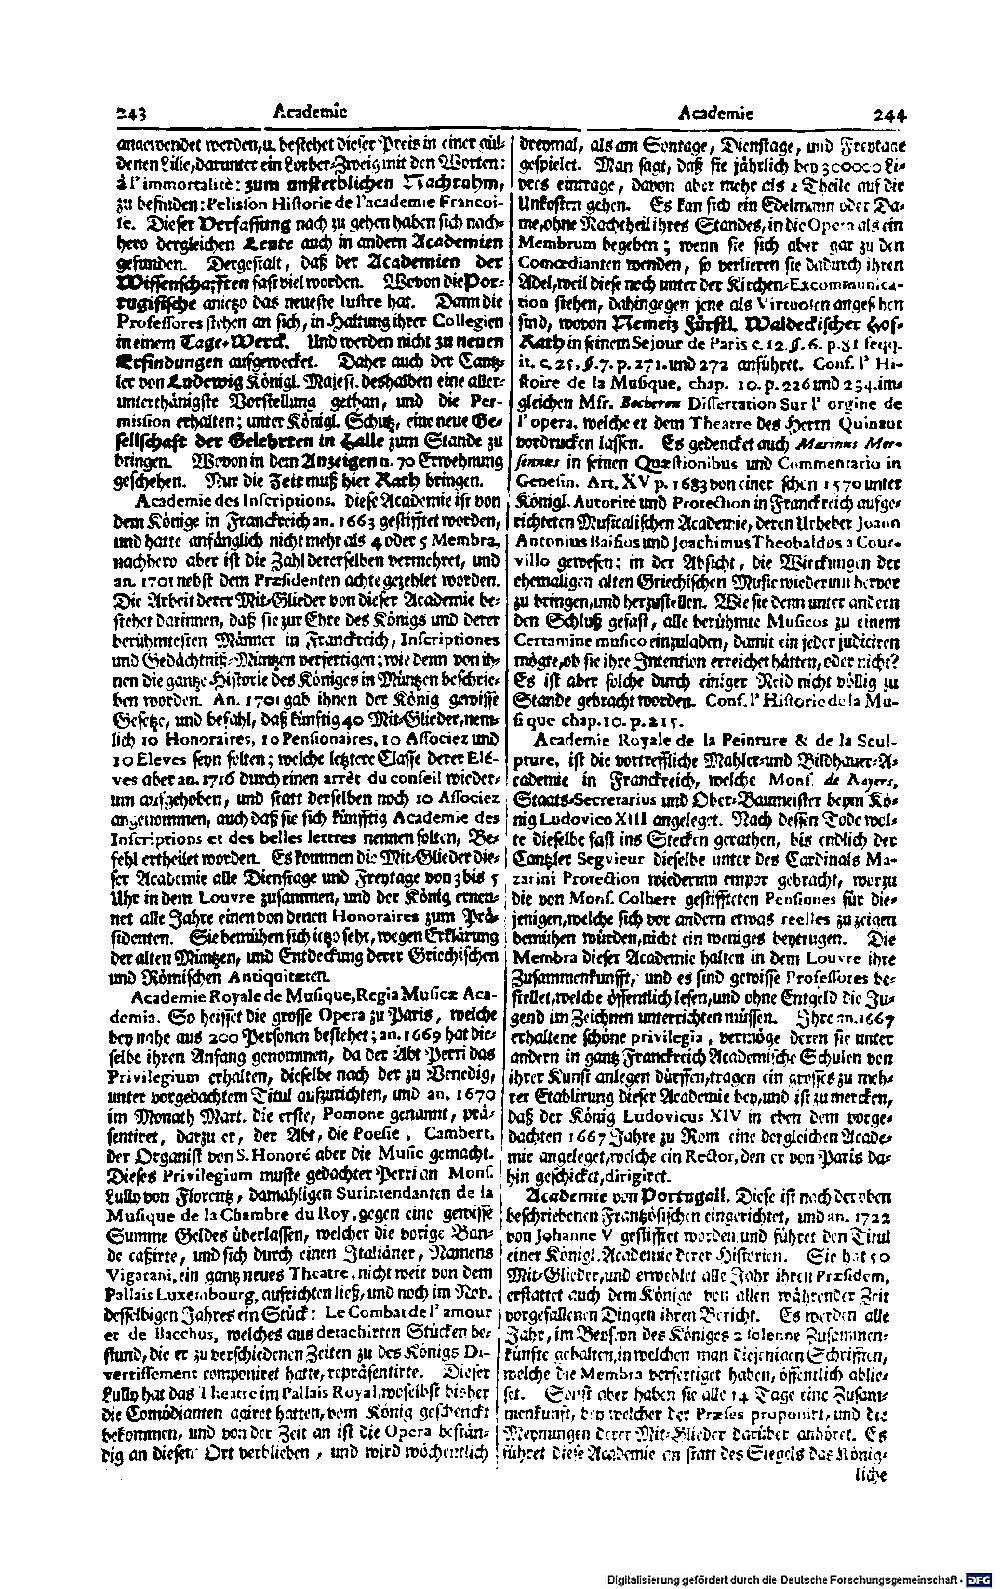 Bd. 01, Seite 0161.